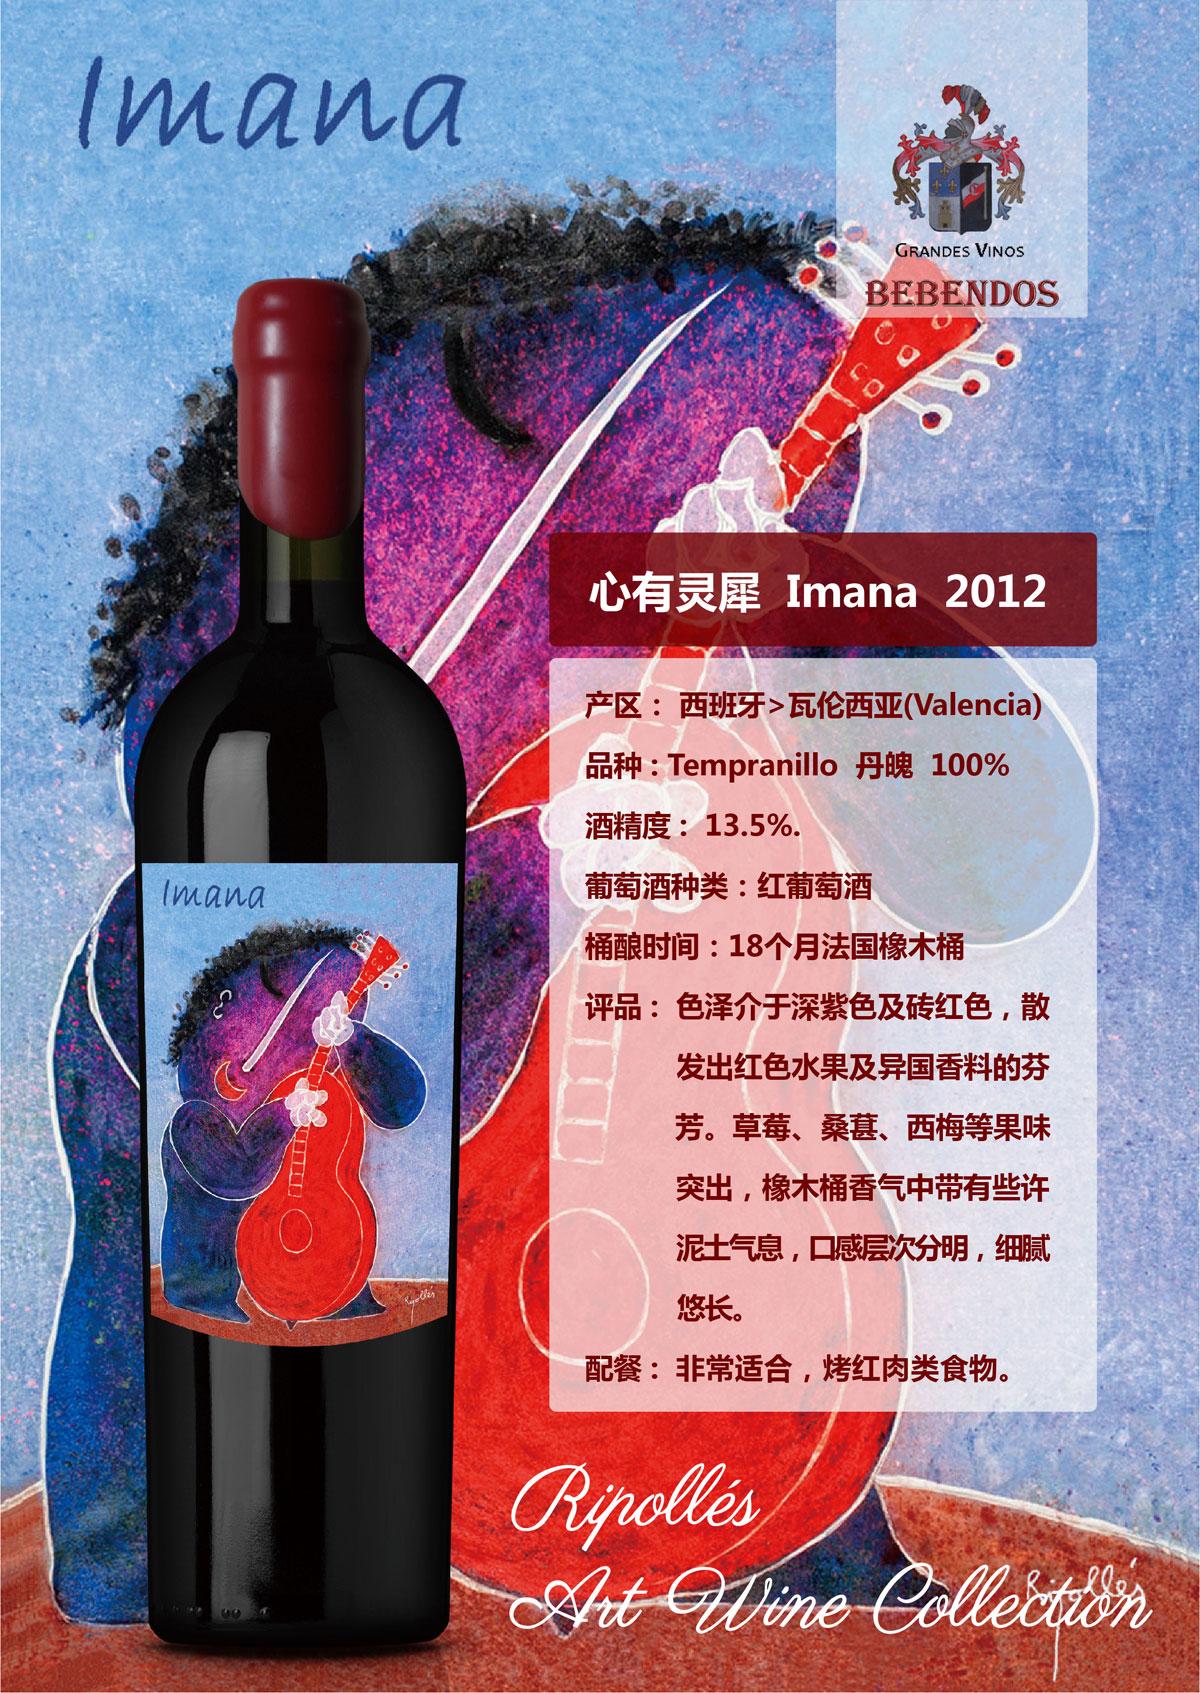 西班牙艺术酒庄画外之音系列丹魄心有灵犀D.O.P干红葡萄酒